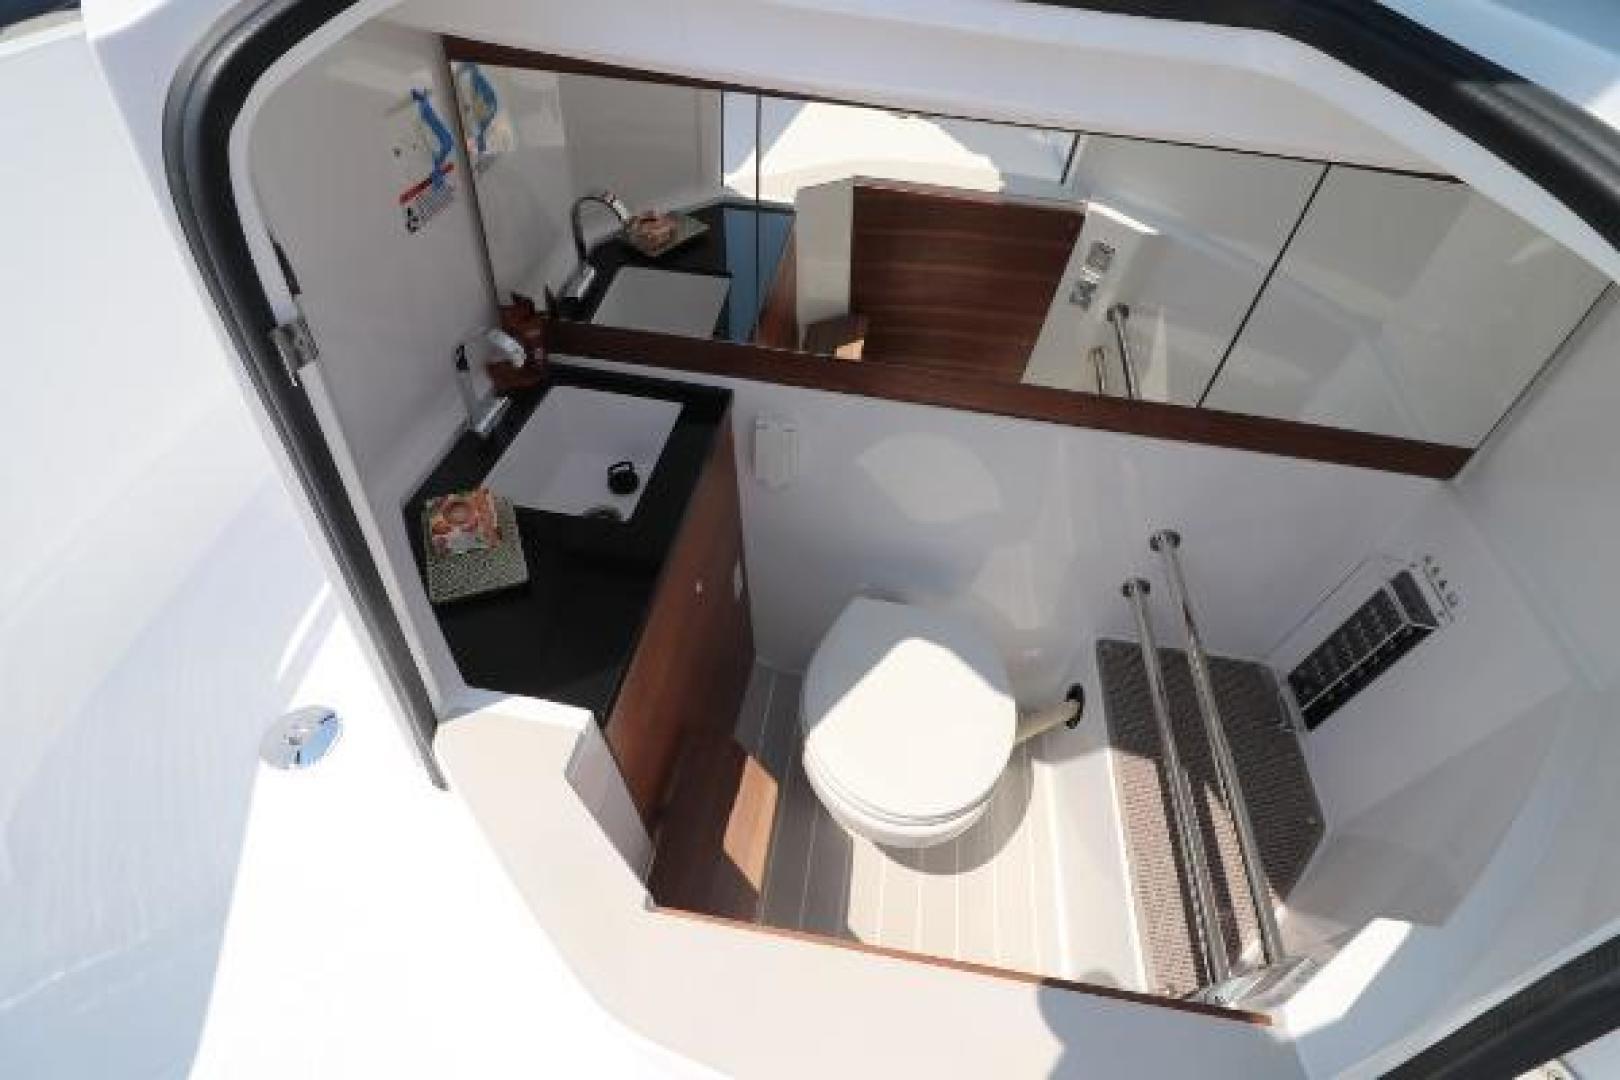 Axopar-28 CABIN 2020-Axopar 28 CABIN Palm Beach-Florida-United States-1533463 | Thumbnail